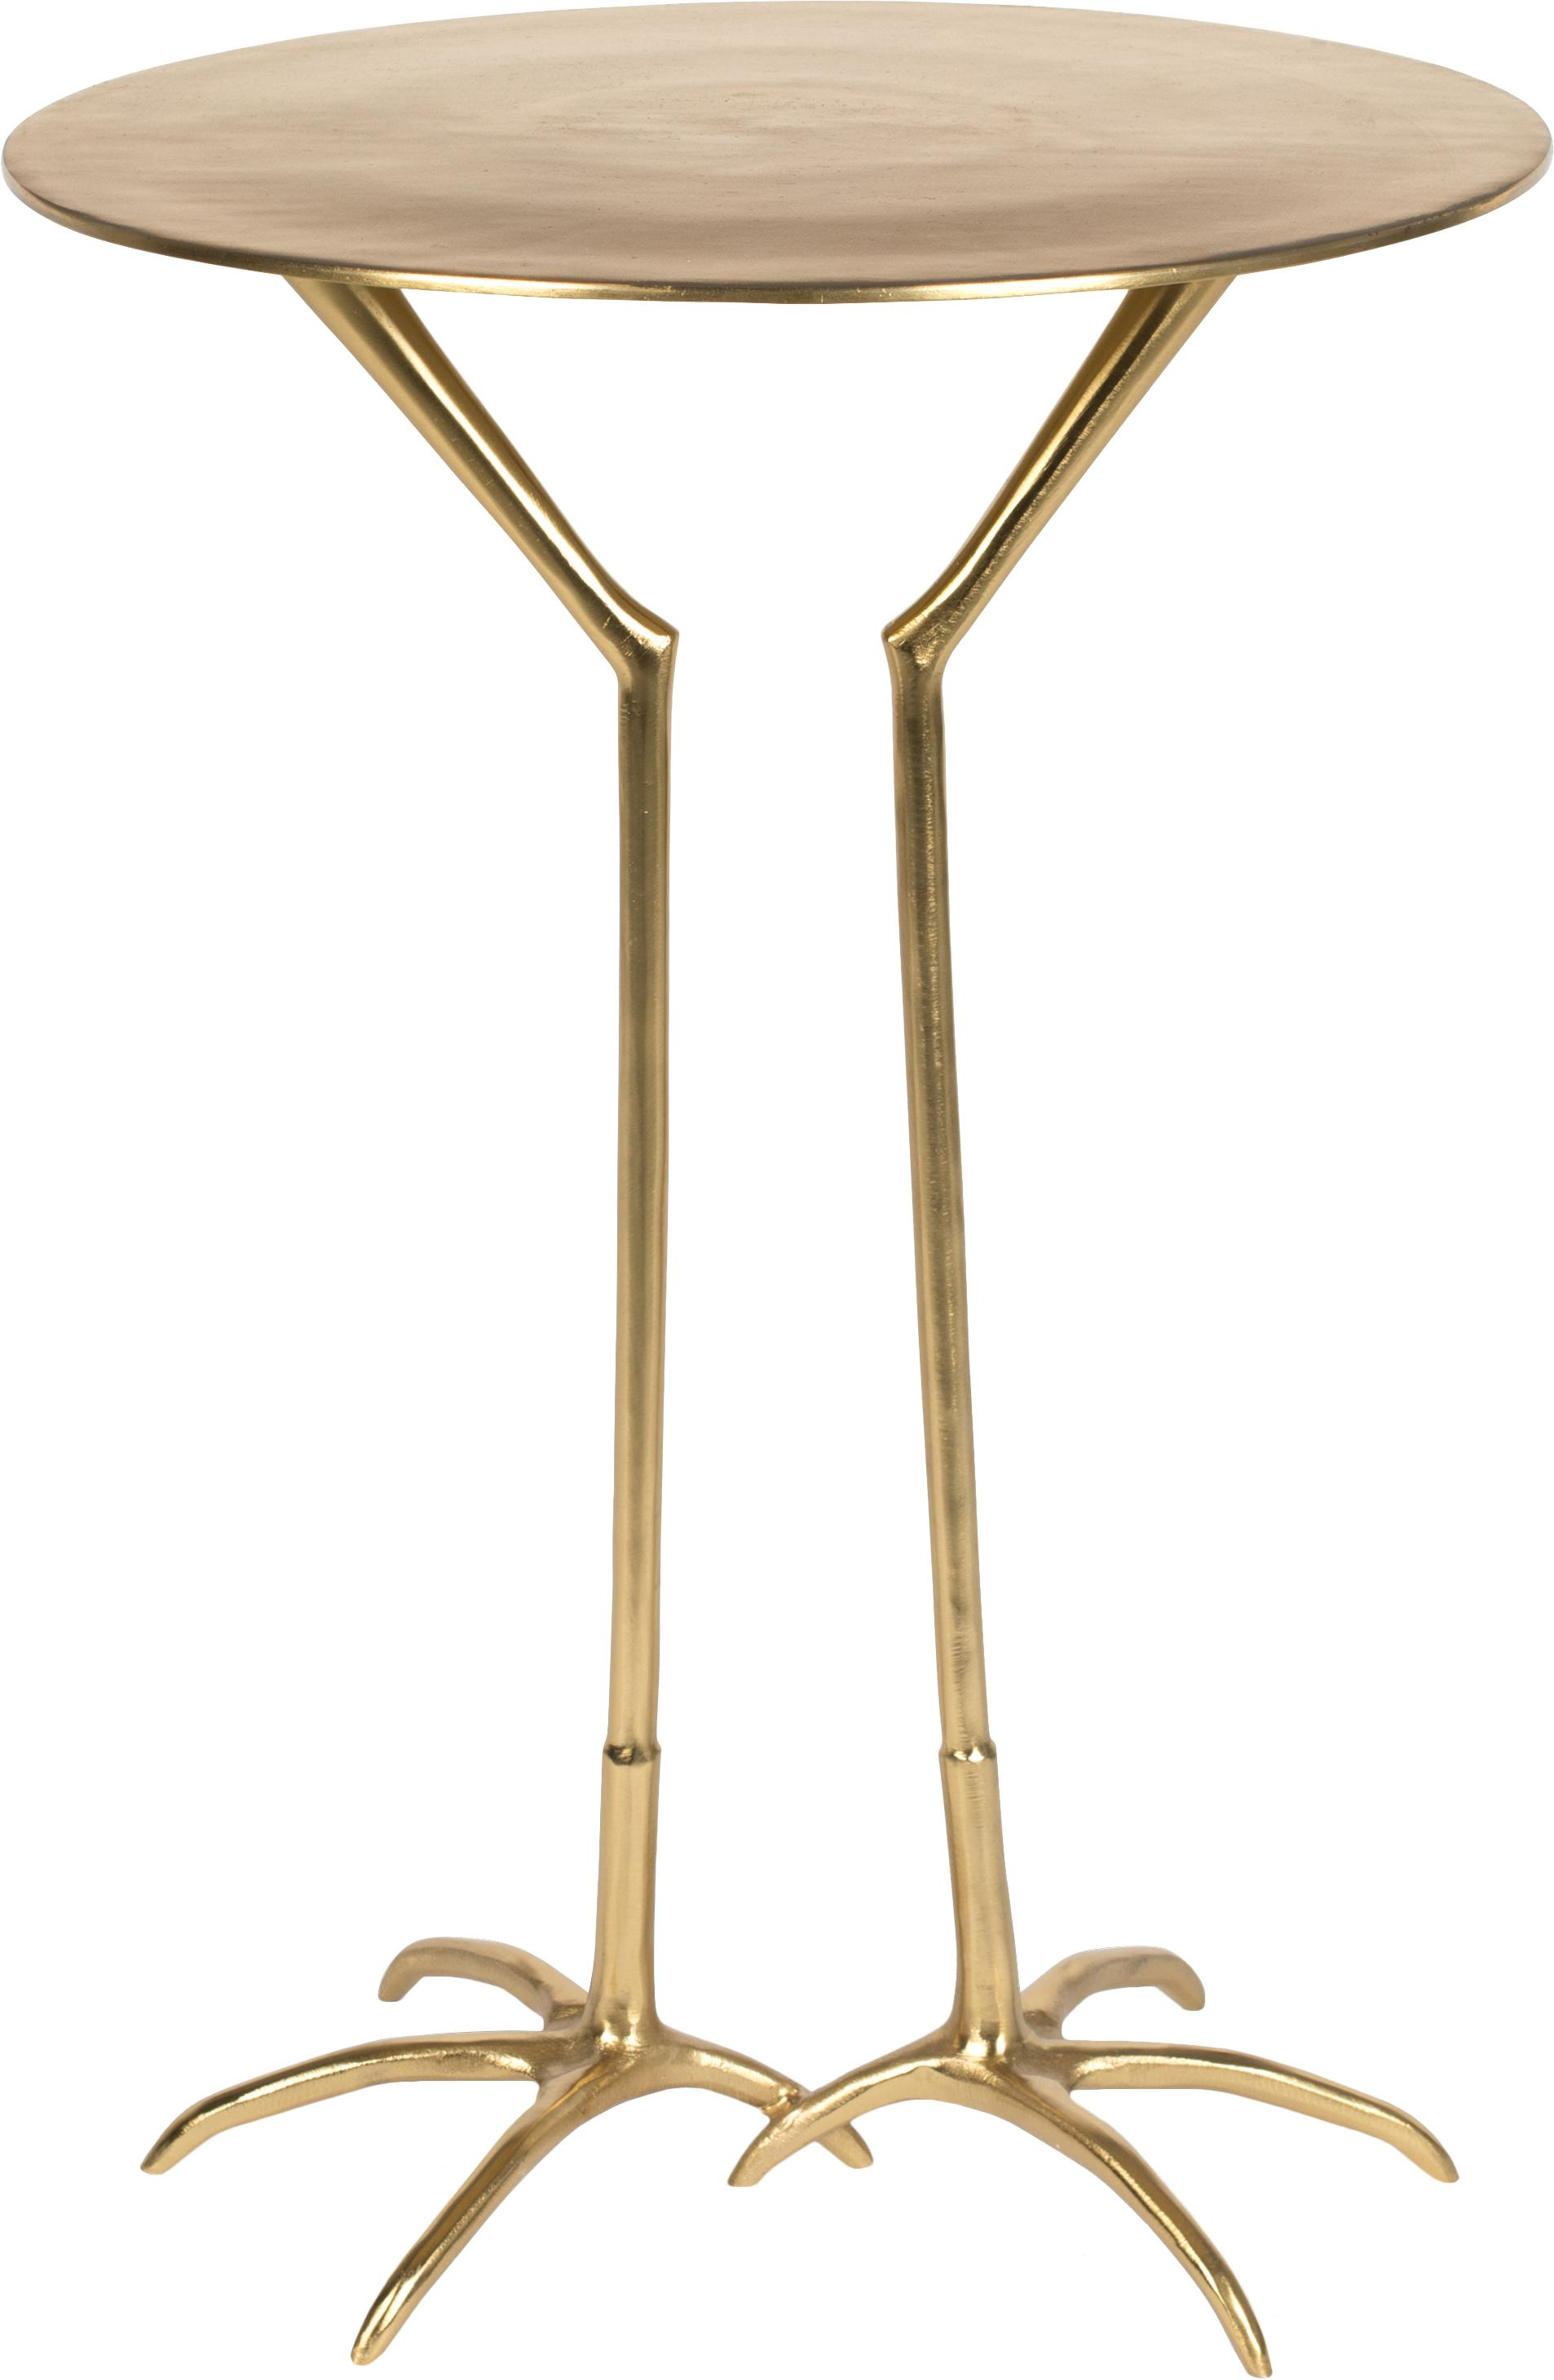 Goldfarbener Beistelltisch Theen Heron, Aluminium, lackiert, Messingfarben, Ø 45 x H 55 cm